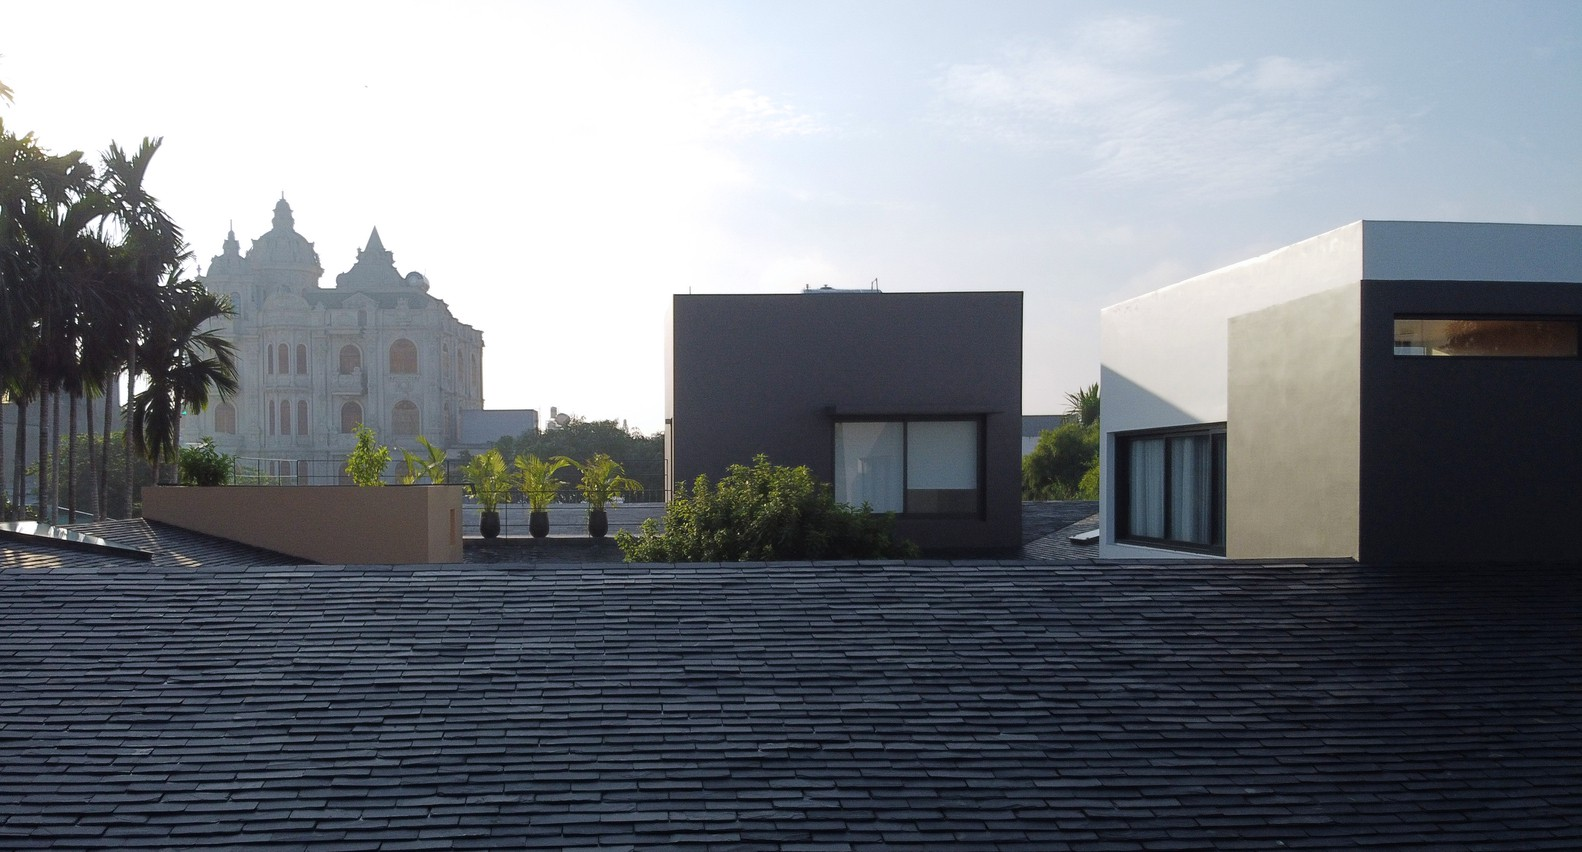 Cách thiết kế này vừa mới lạ vừa tạo cảm giác khối tích như nhà 1 tầng hài hòa với bối cảnh nhà thấp tầng xung quanh, đồng thời tạo ra khoảng không gian trên mái thú vị